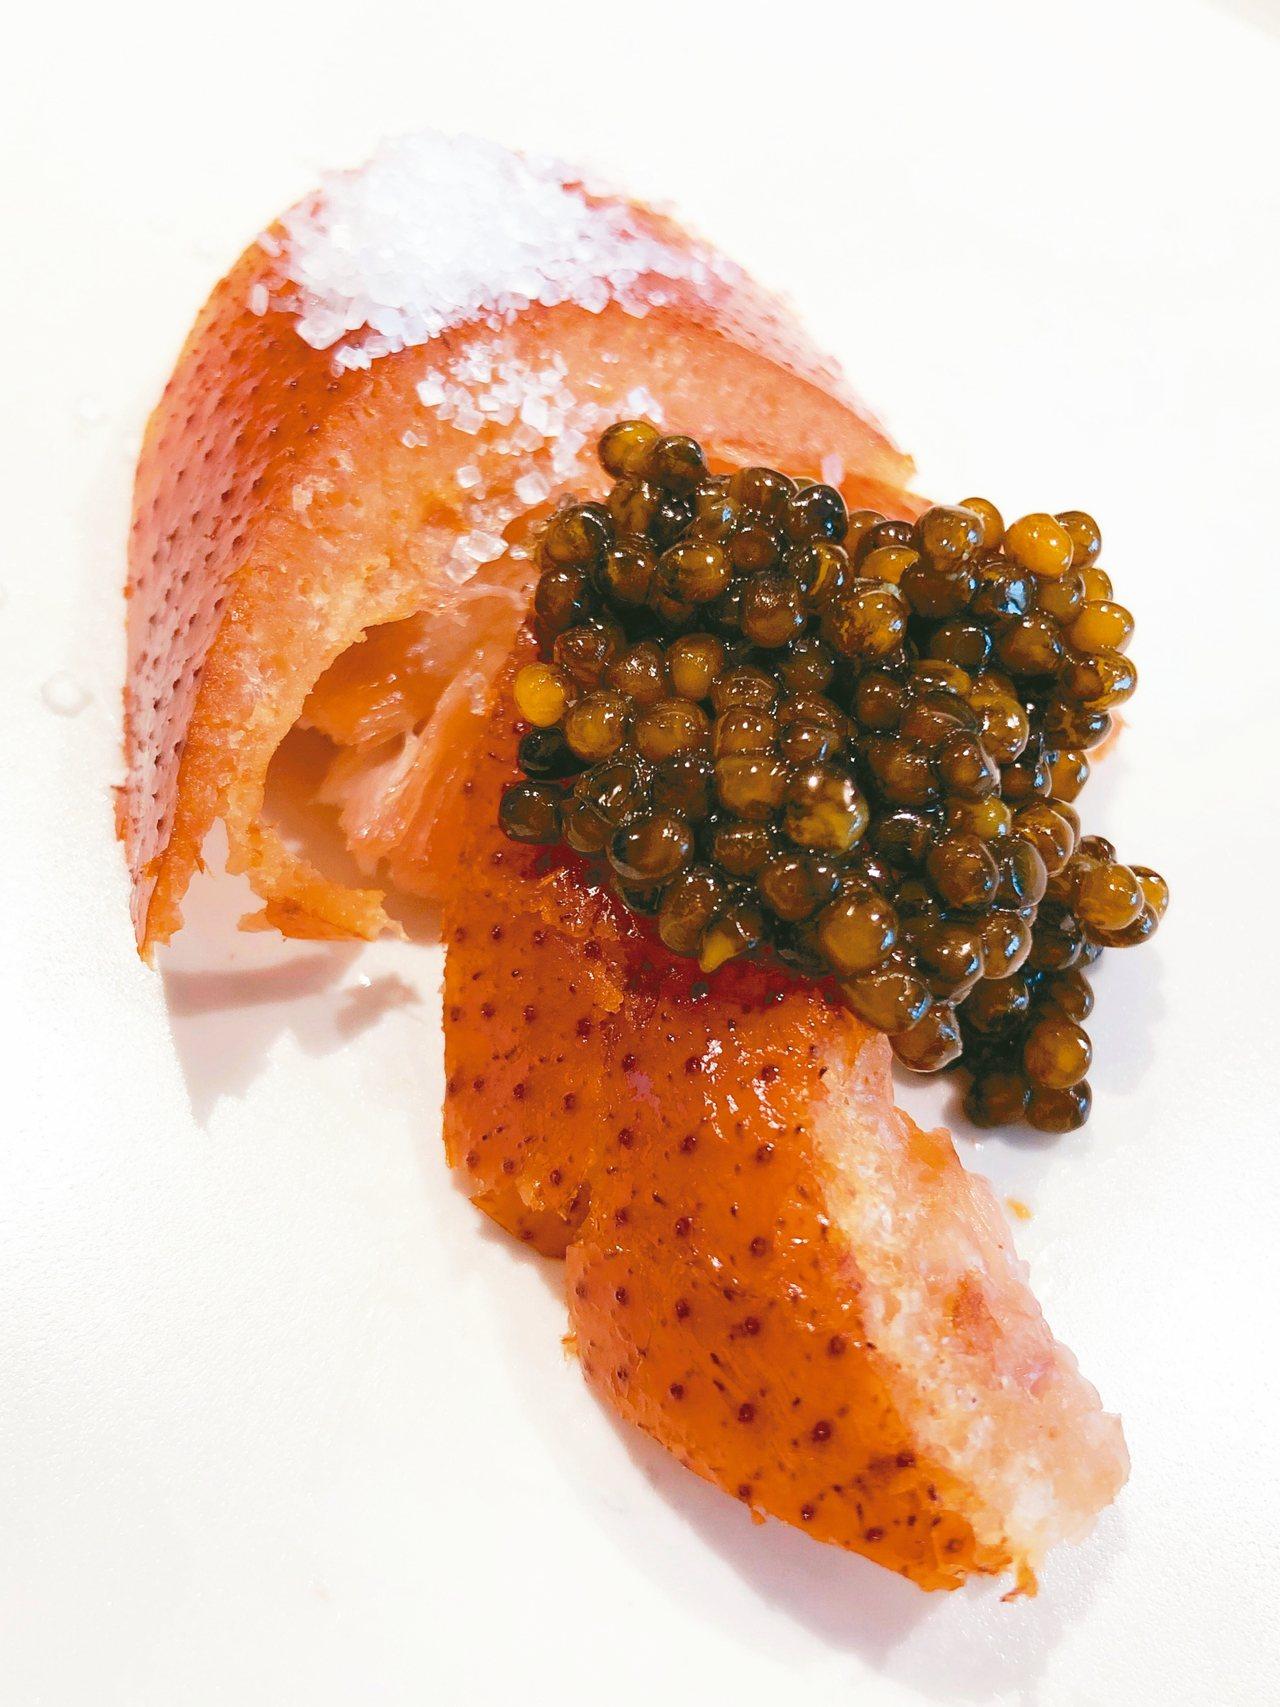 卡魯嘉魚子醬配「酥不膩」小雛鴨。 圖/張聰 Desmond Chang